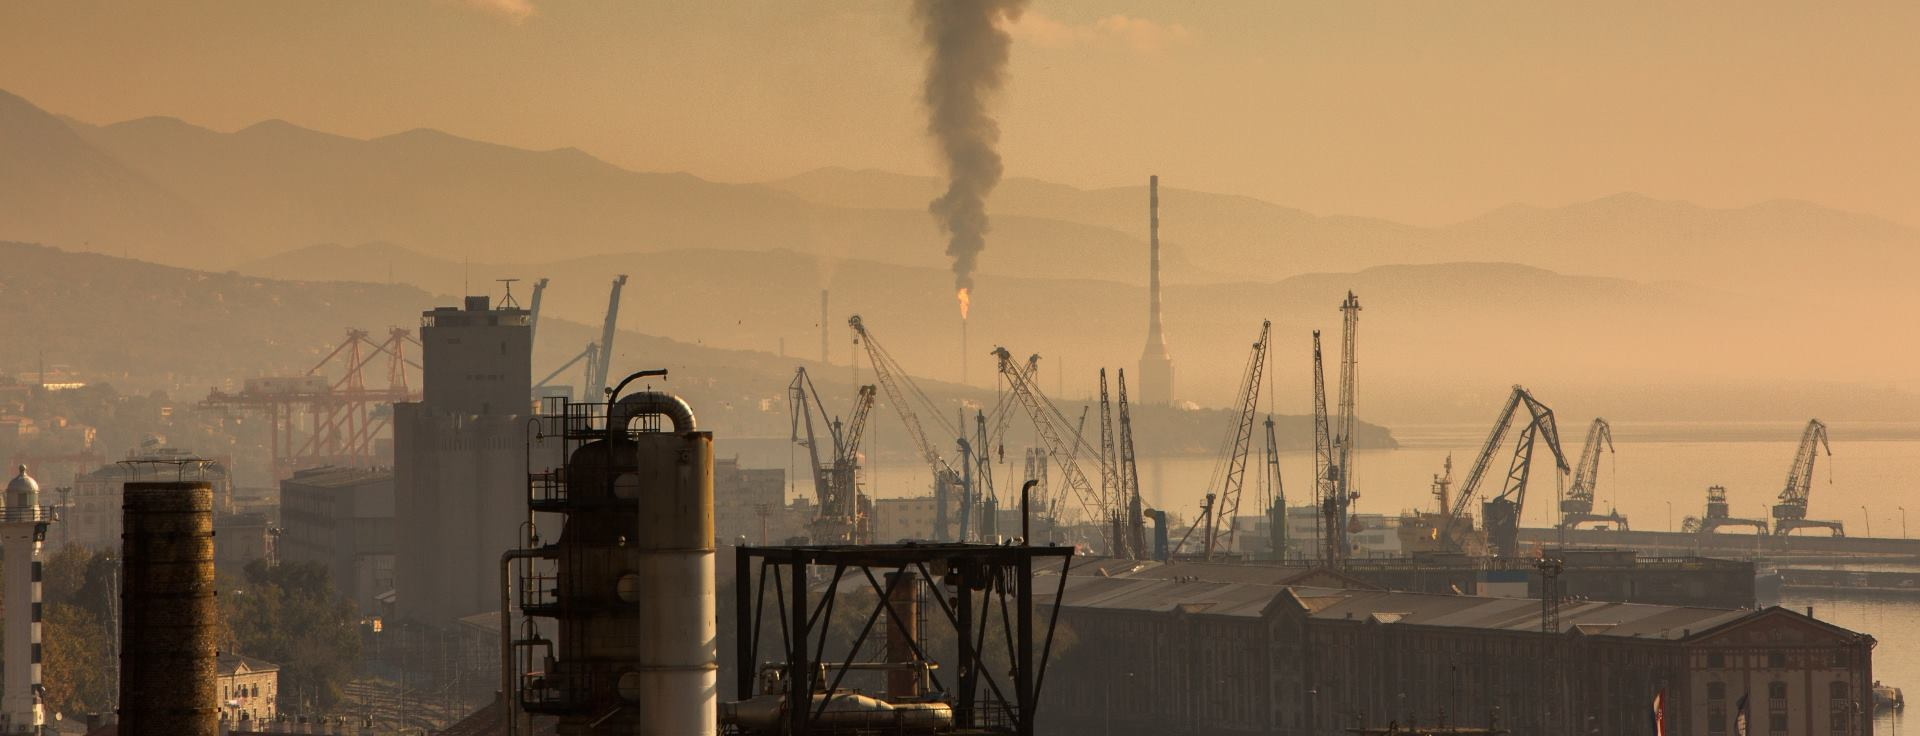 MAKROEKONOMIJA Očekuje se rast industrijske proizvodnje 13. mjesec zaredom